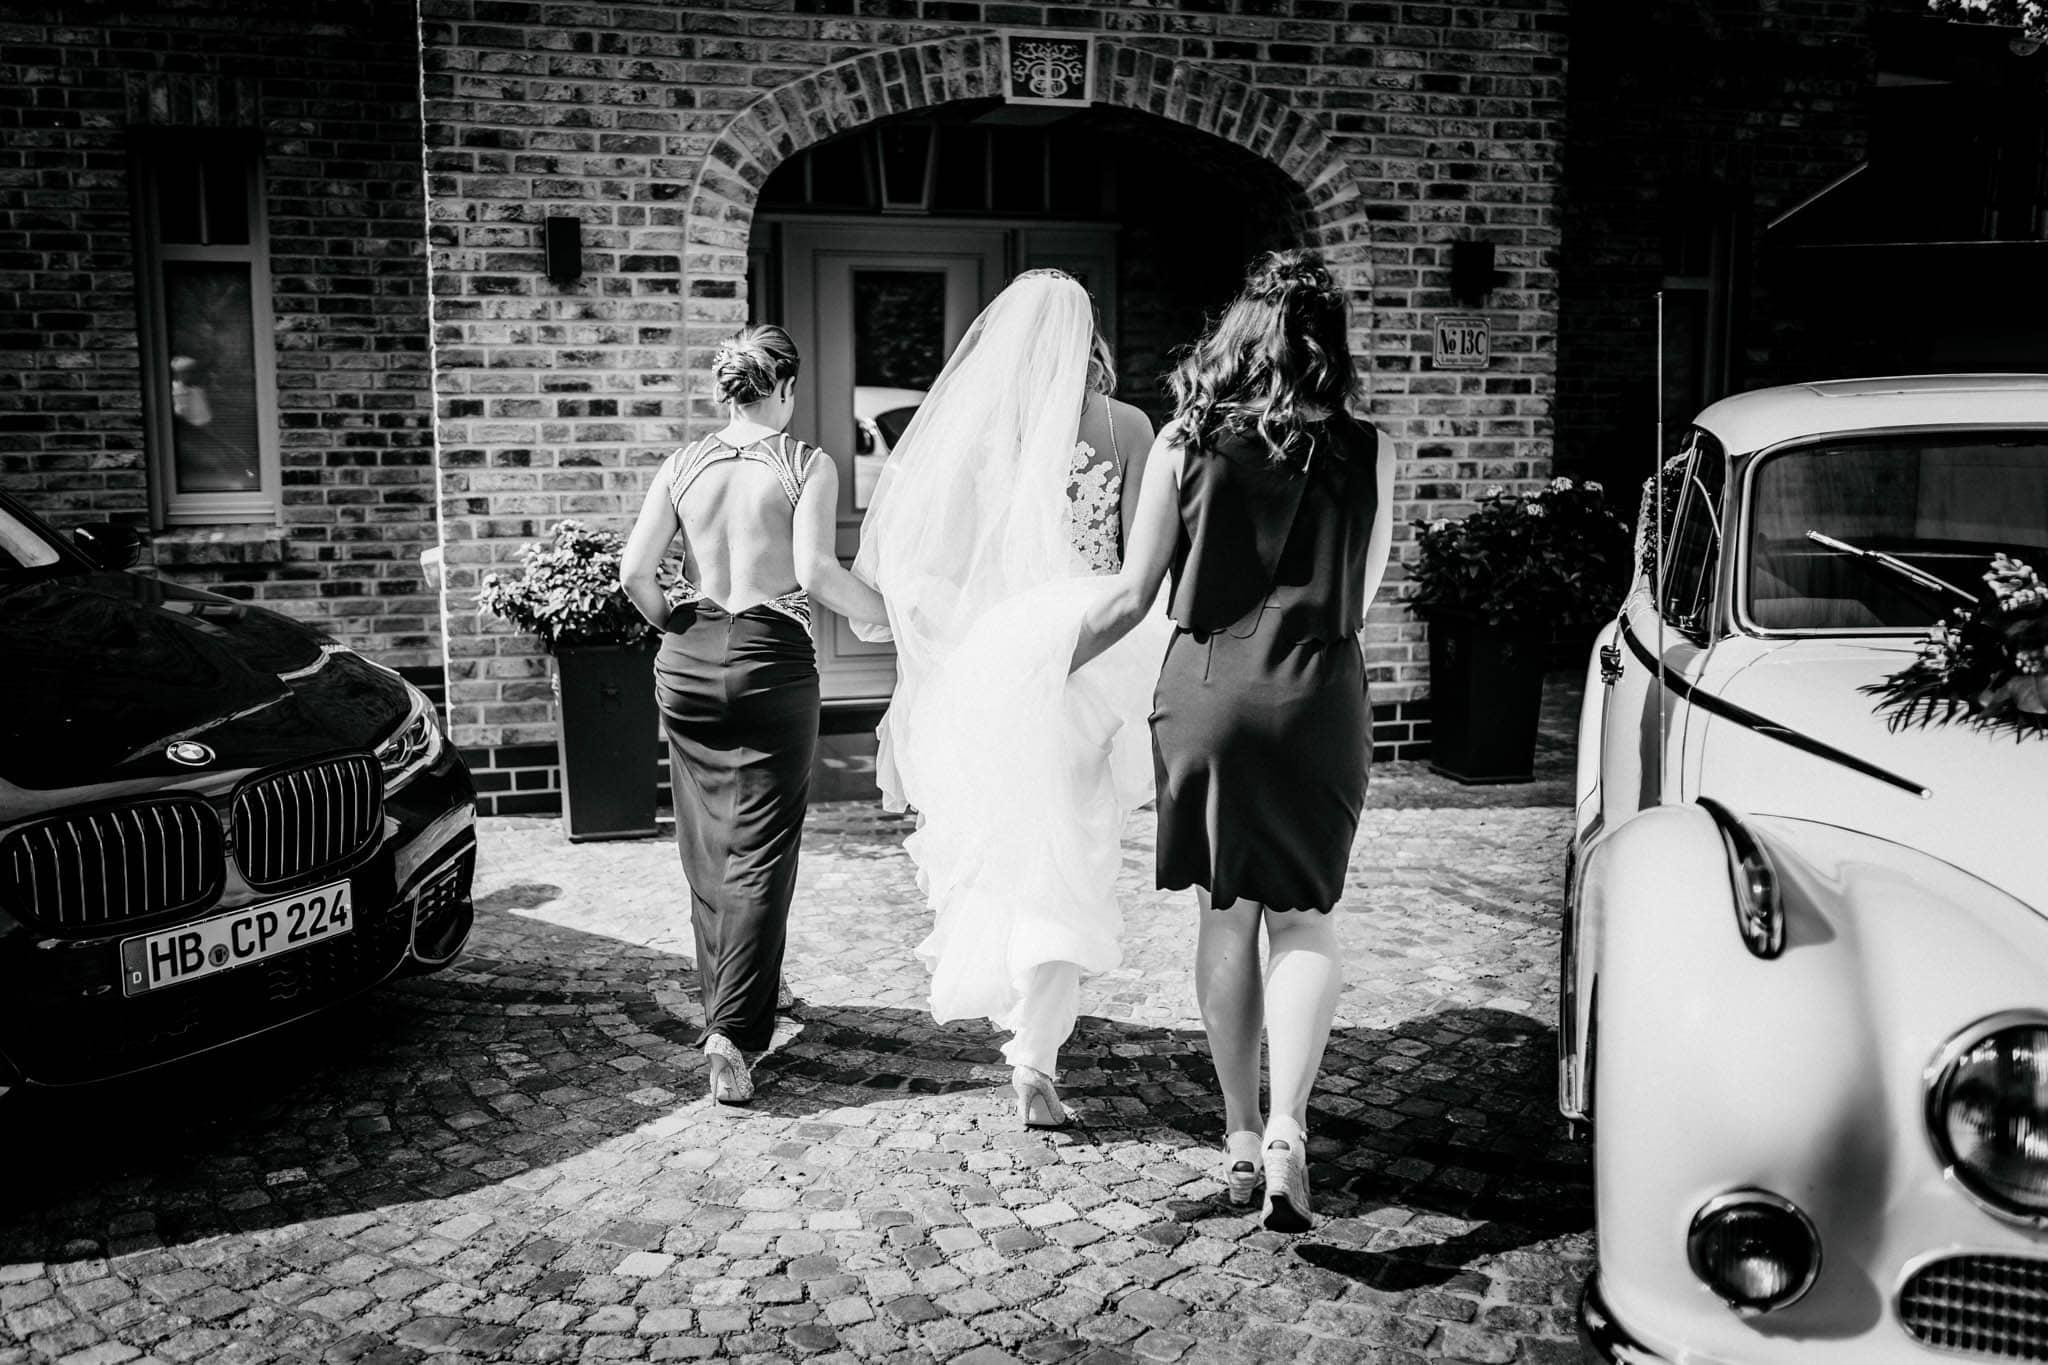 Hochzeitsfieber by Photo-Schomburg, Hochzeitsfotograf, Hamburg, Bremen, Hochzeitstag, Hochzeitspaar, Braut, Bräutigam, Bremen-Kränholm,Knoops Park-60